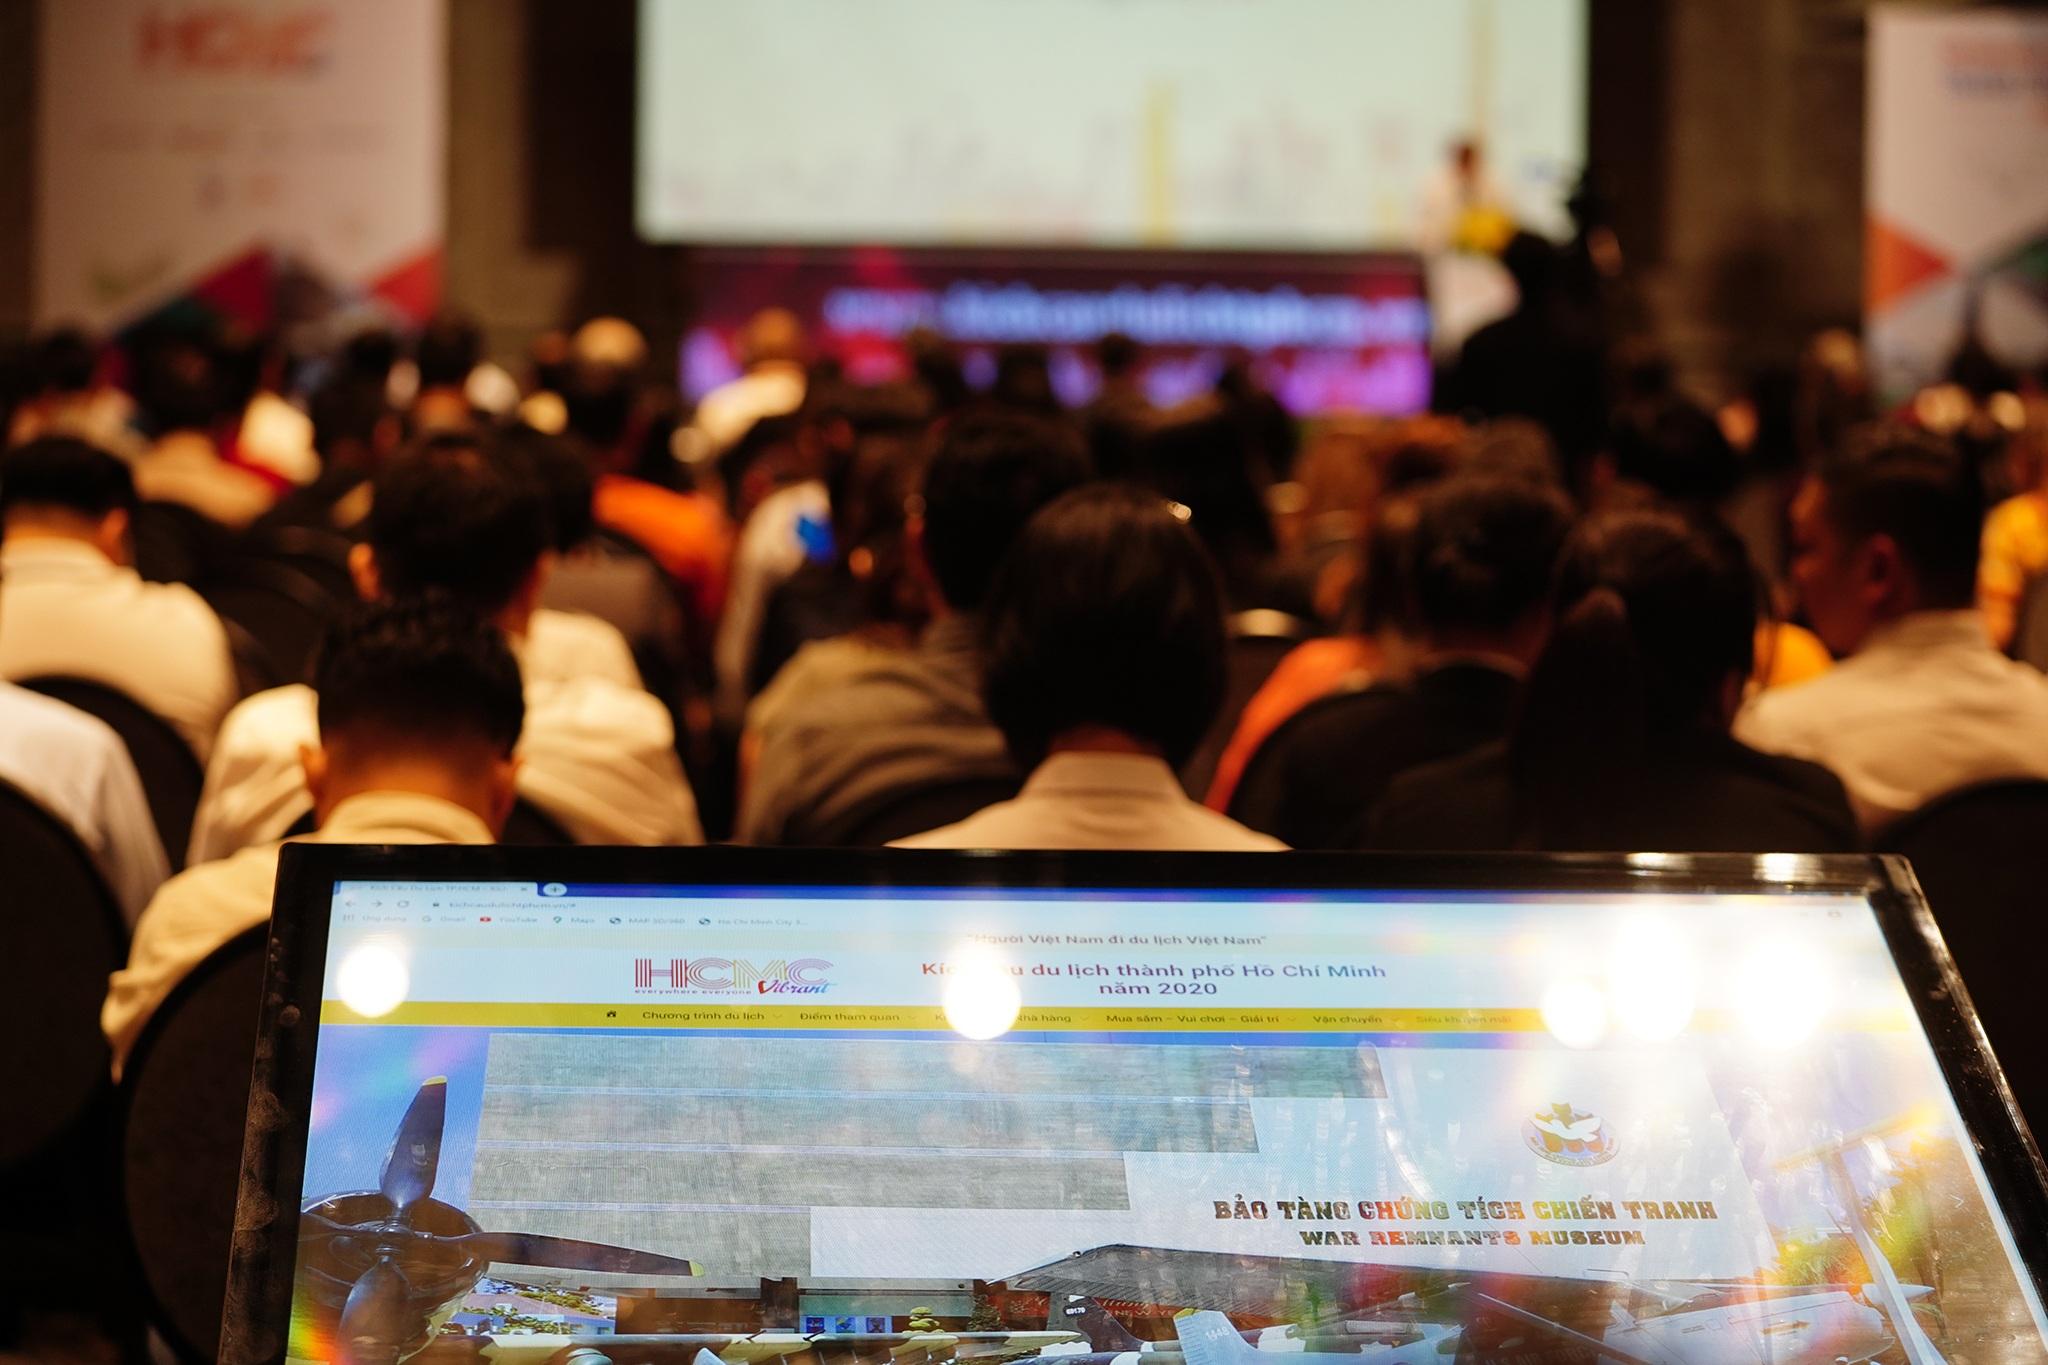 TP.HCM tăng tốc kích cầu du lịch nội địa với gần 300.000 vé ưu đãi - 7